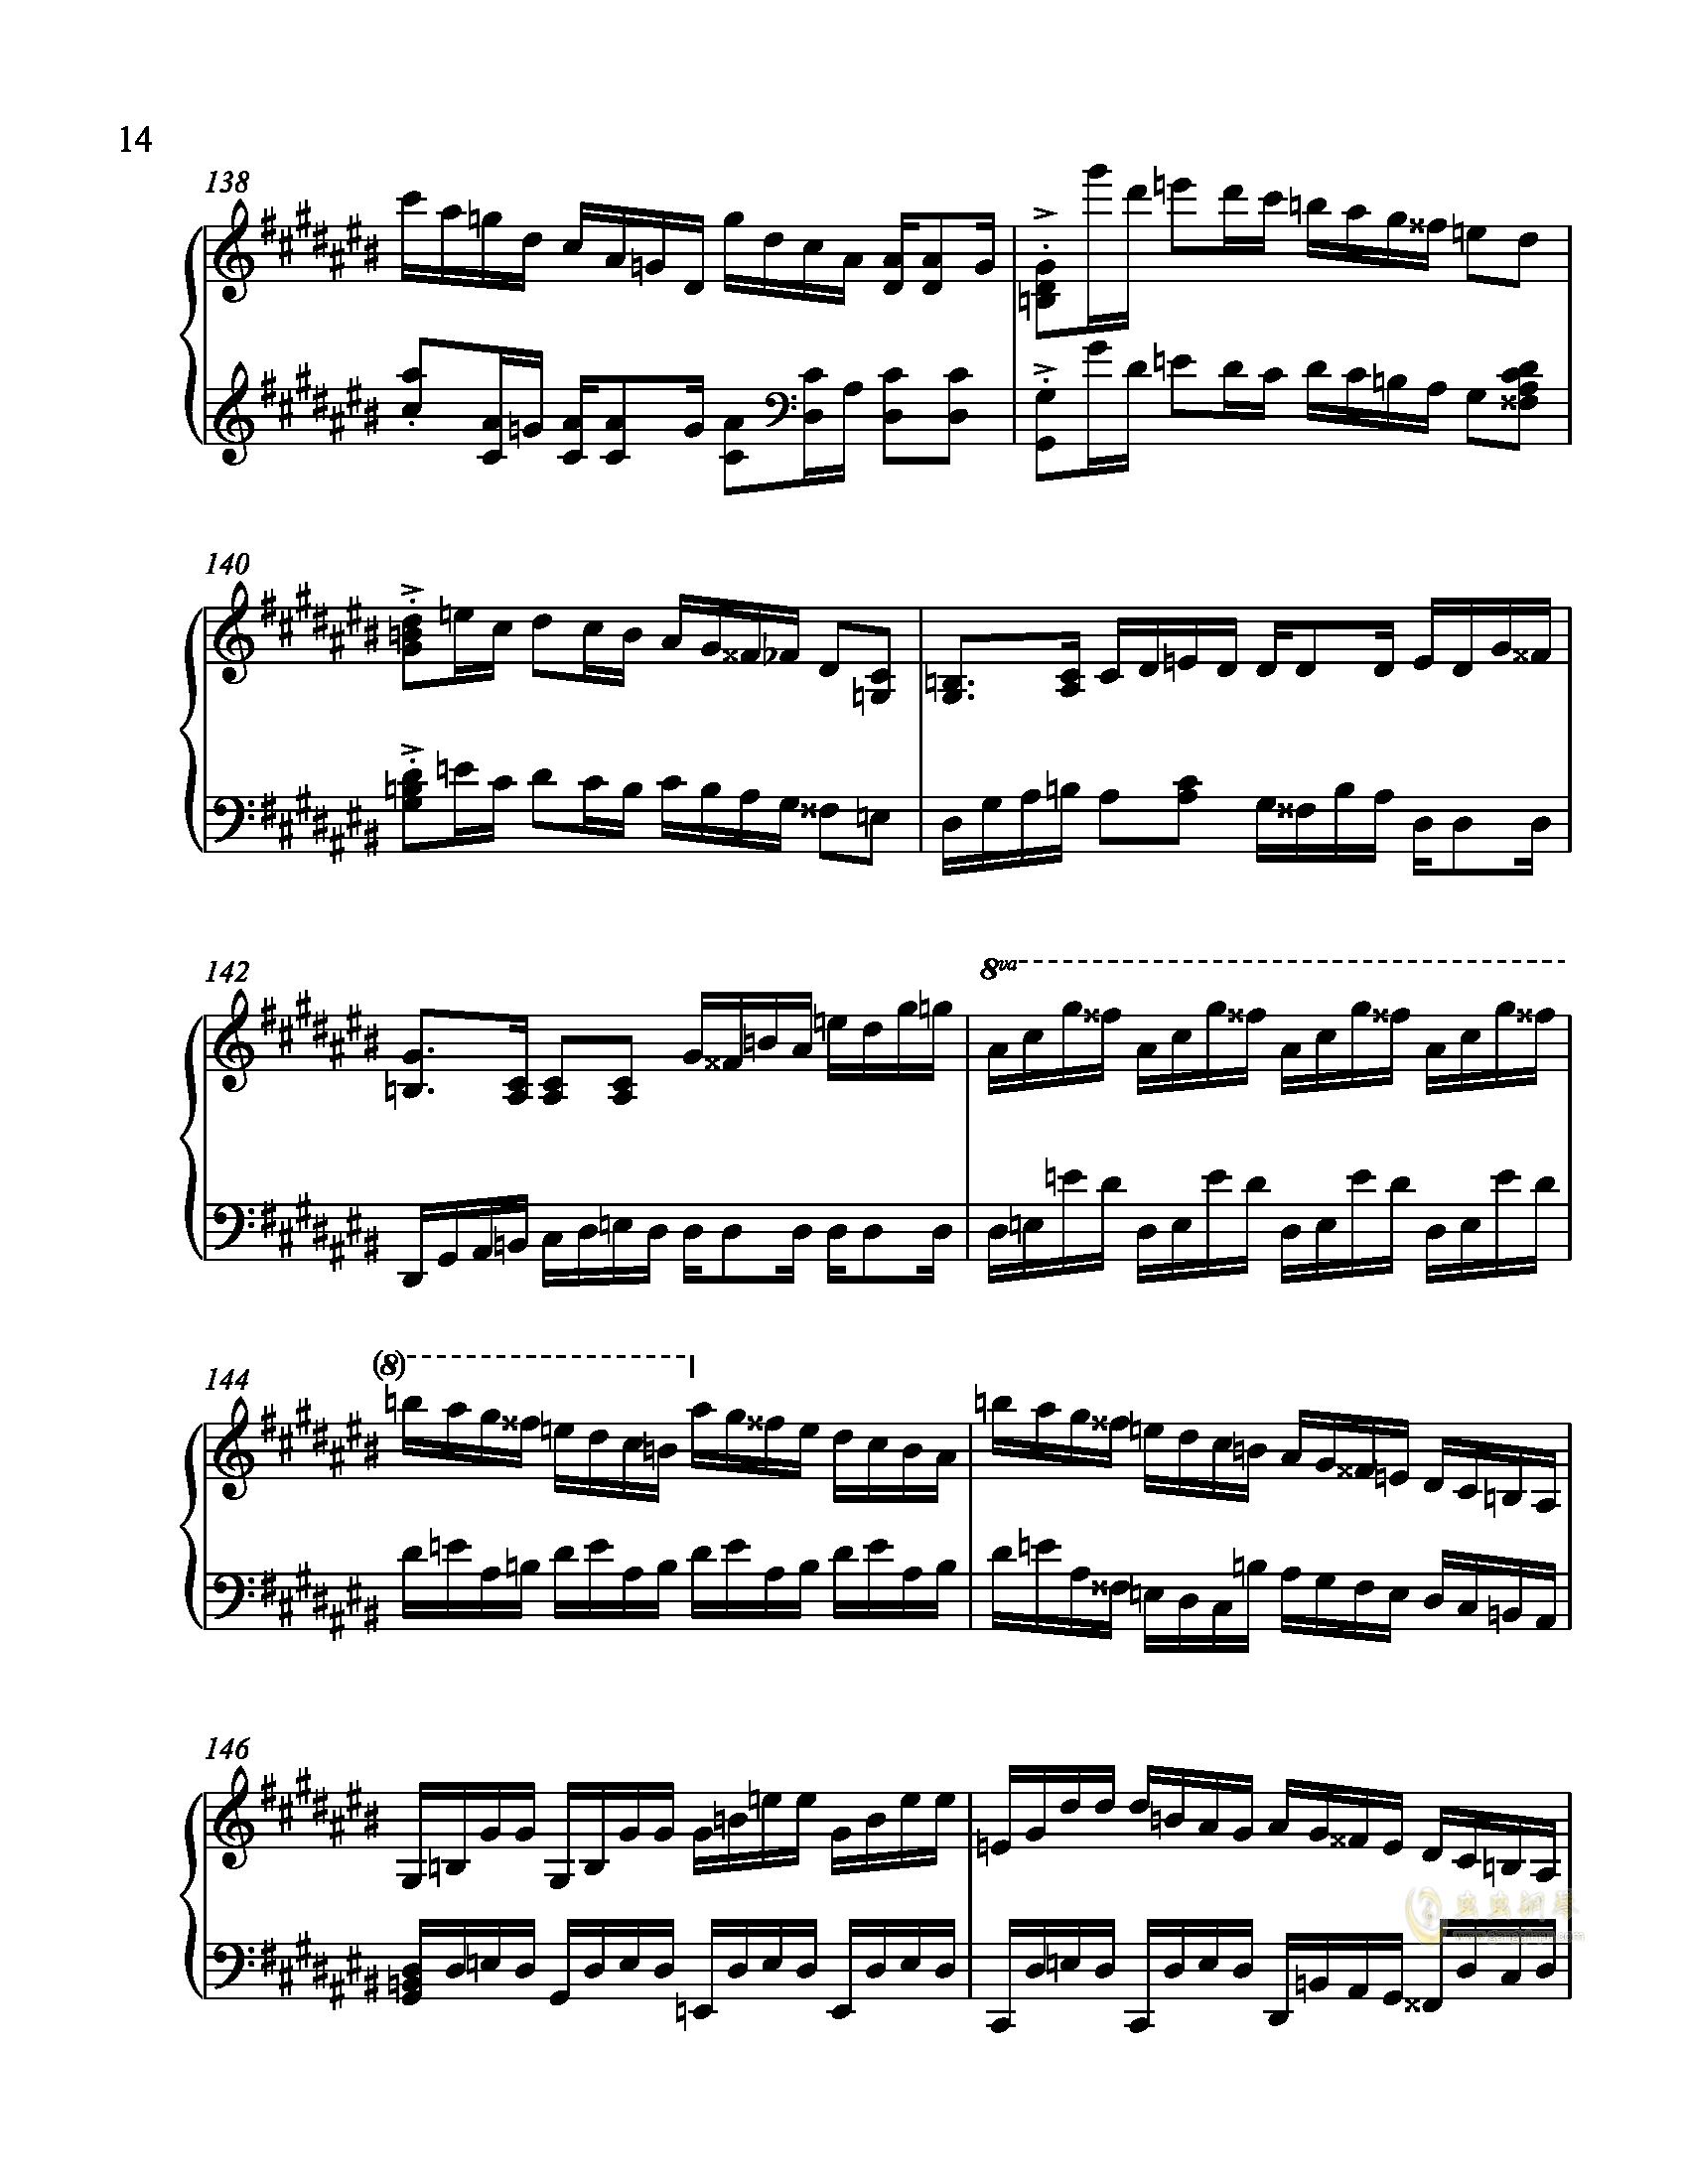 辛普森B大调练习曲钢琴谱 第14页